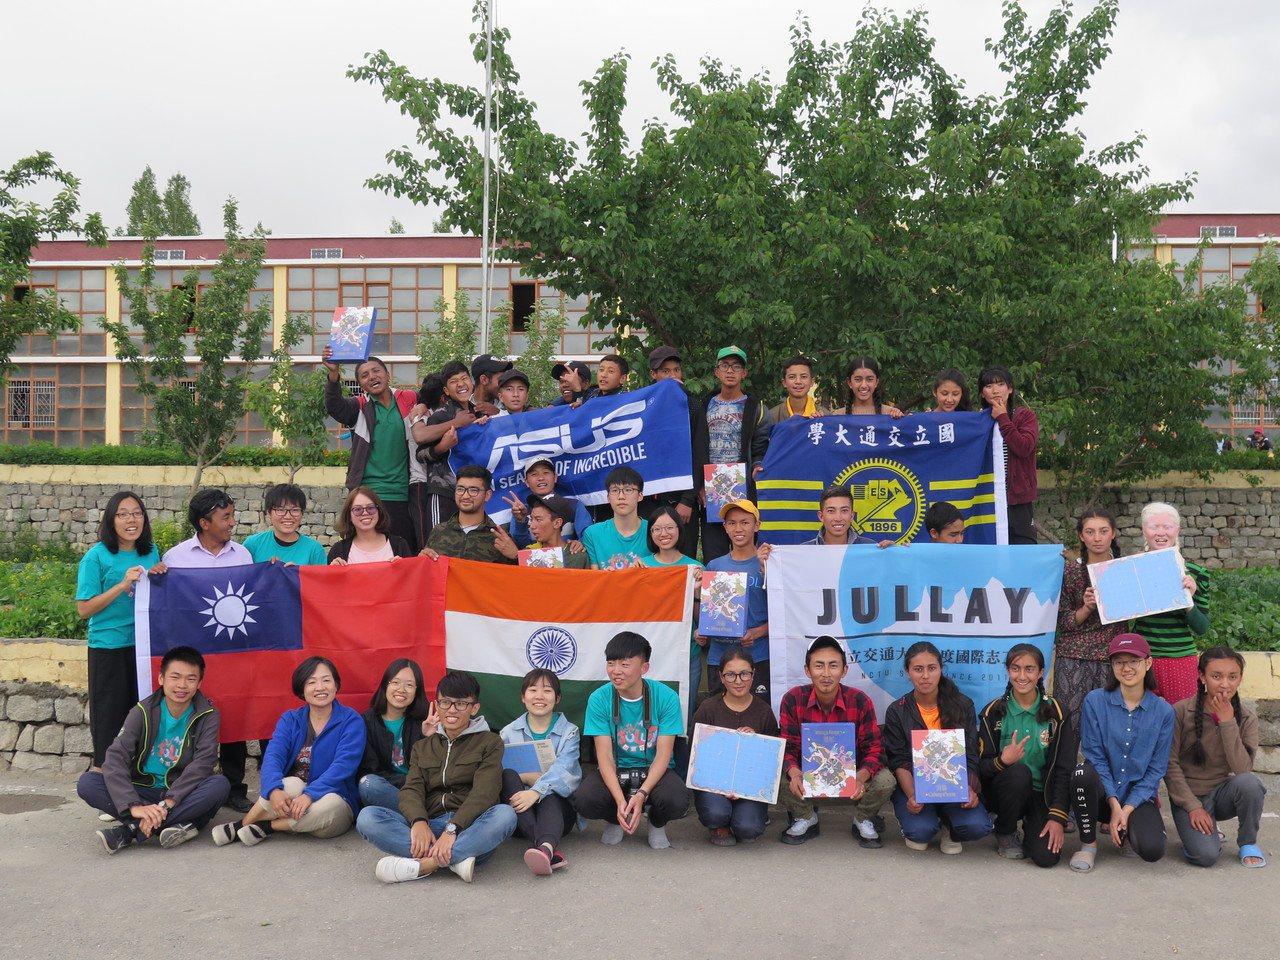 國立交通大學印度國際志工Jullay團大合照。 圖/交通大學提供